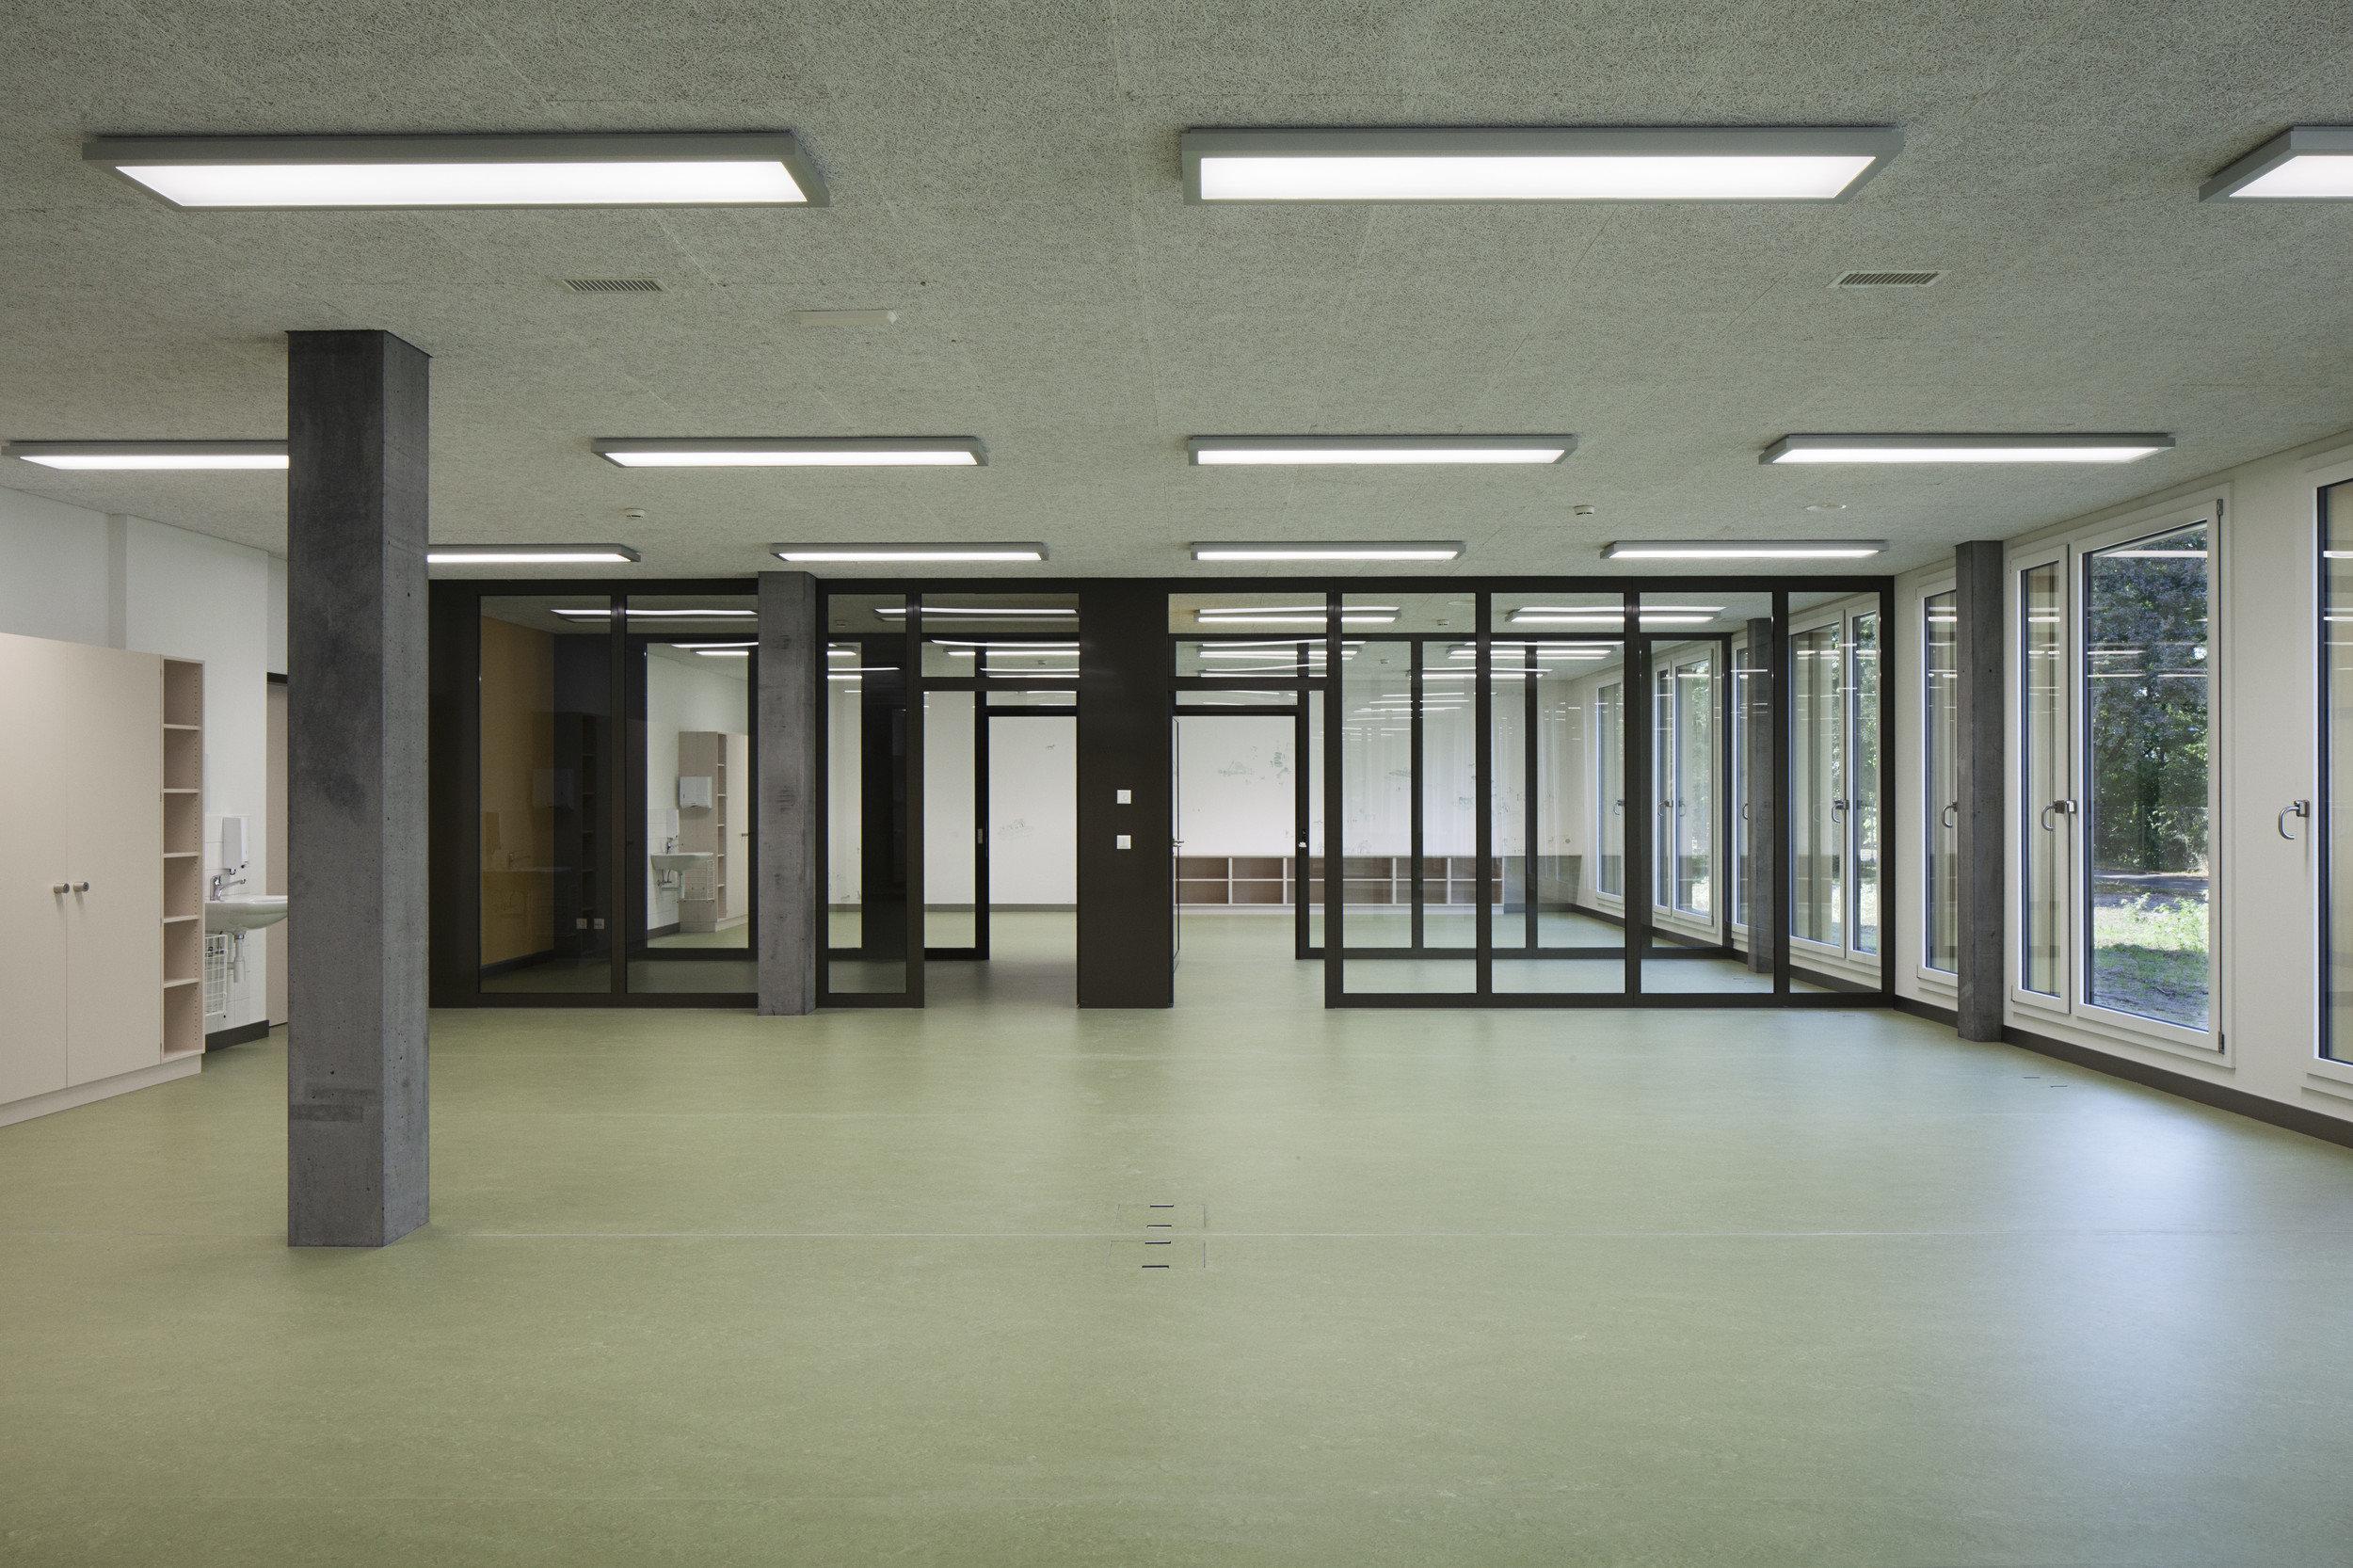 Eingangsbereich Wohngebäude mit raumhoher Fensterfront